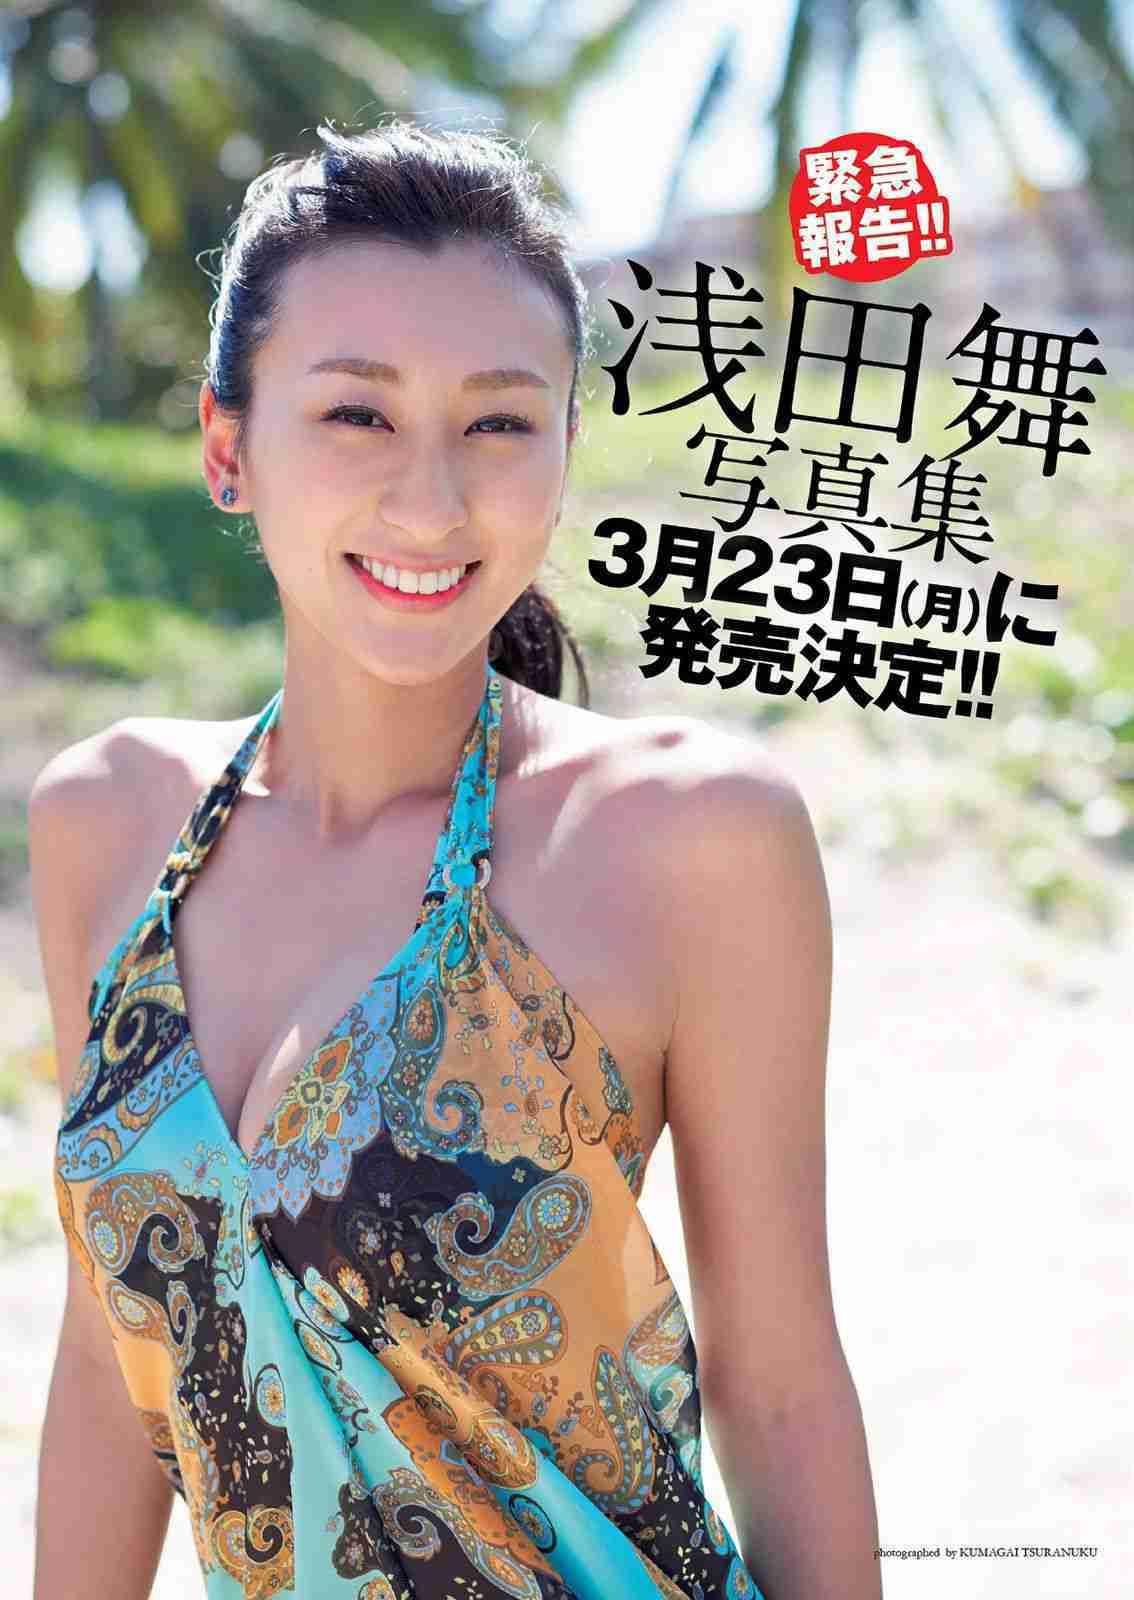 写真集を発売する浅田舞の大胆な水着ショットがネット上で話題に けしからん でかいwww 噂 芸能ニュース まとめ